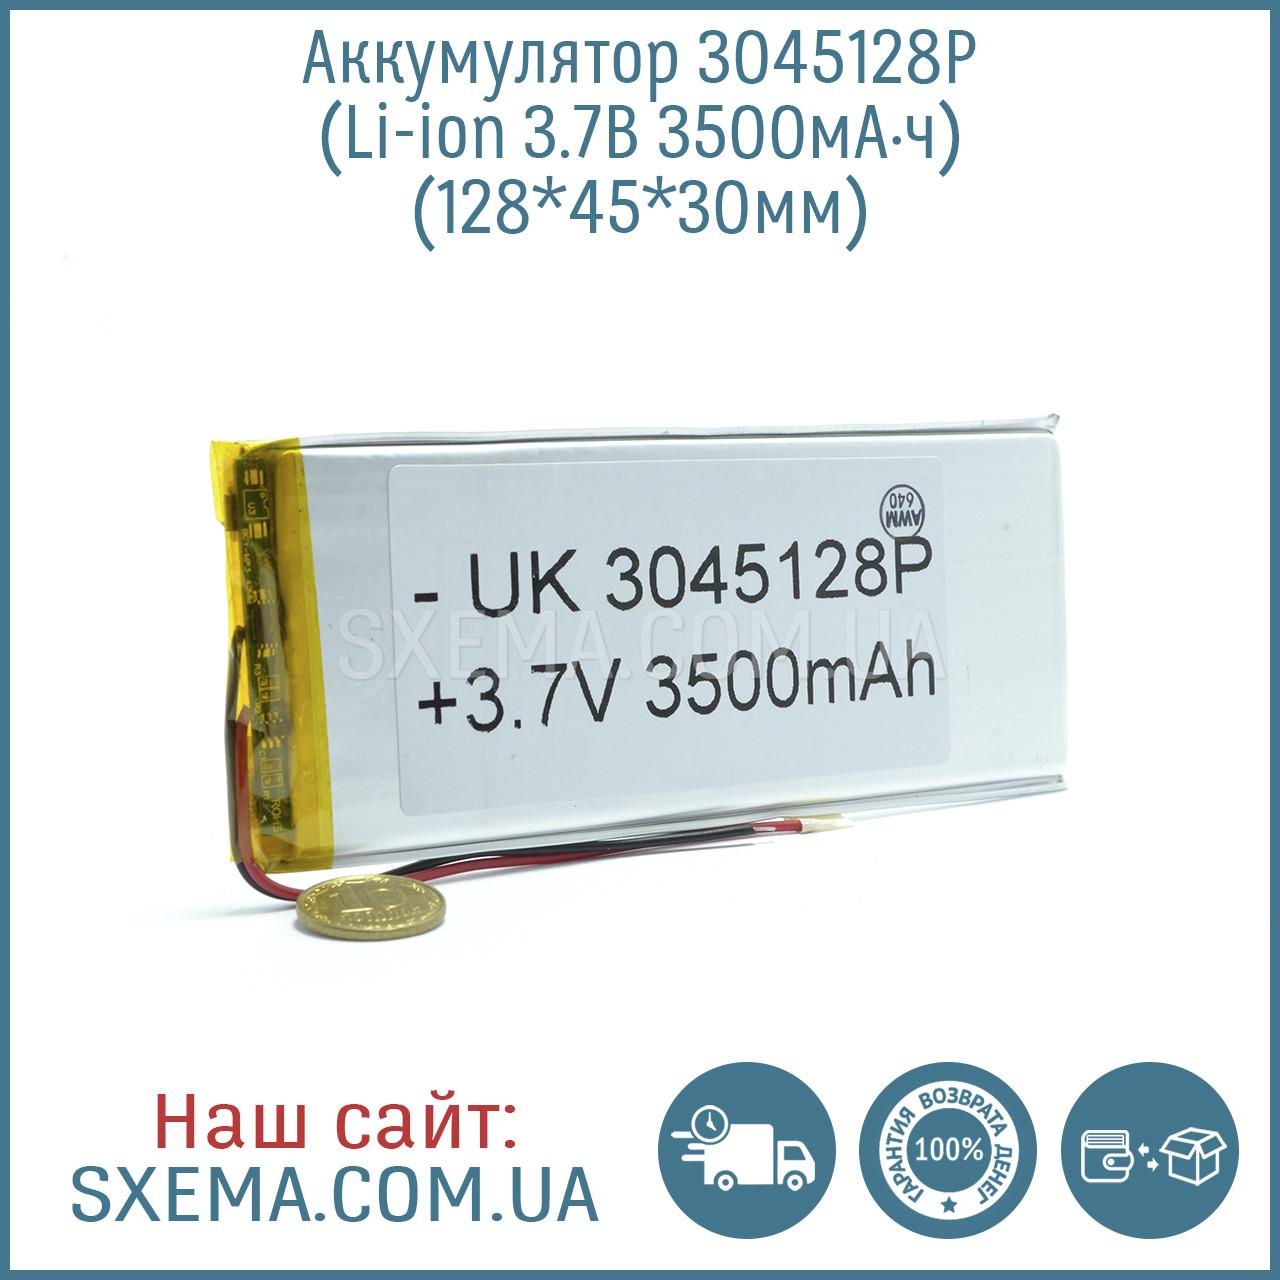 Аккумулятор универсальный 3045128 (Li-ion 3.7В 3500мА·ч), (128*45*3 мм)